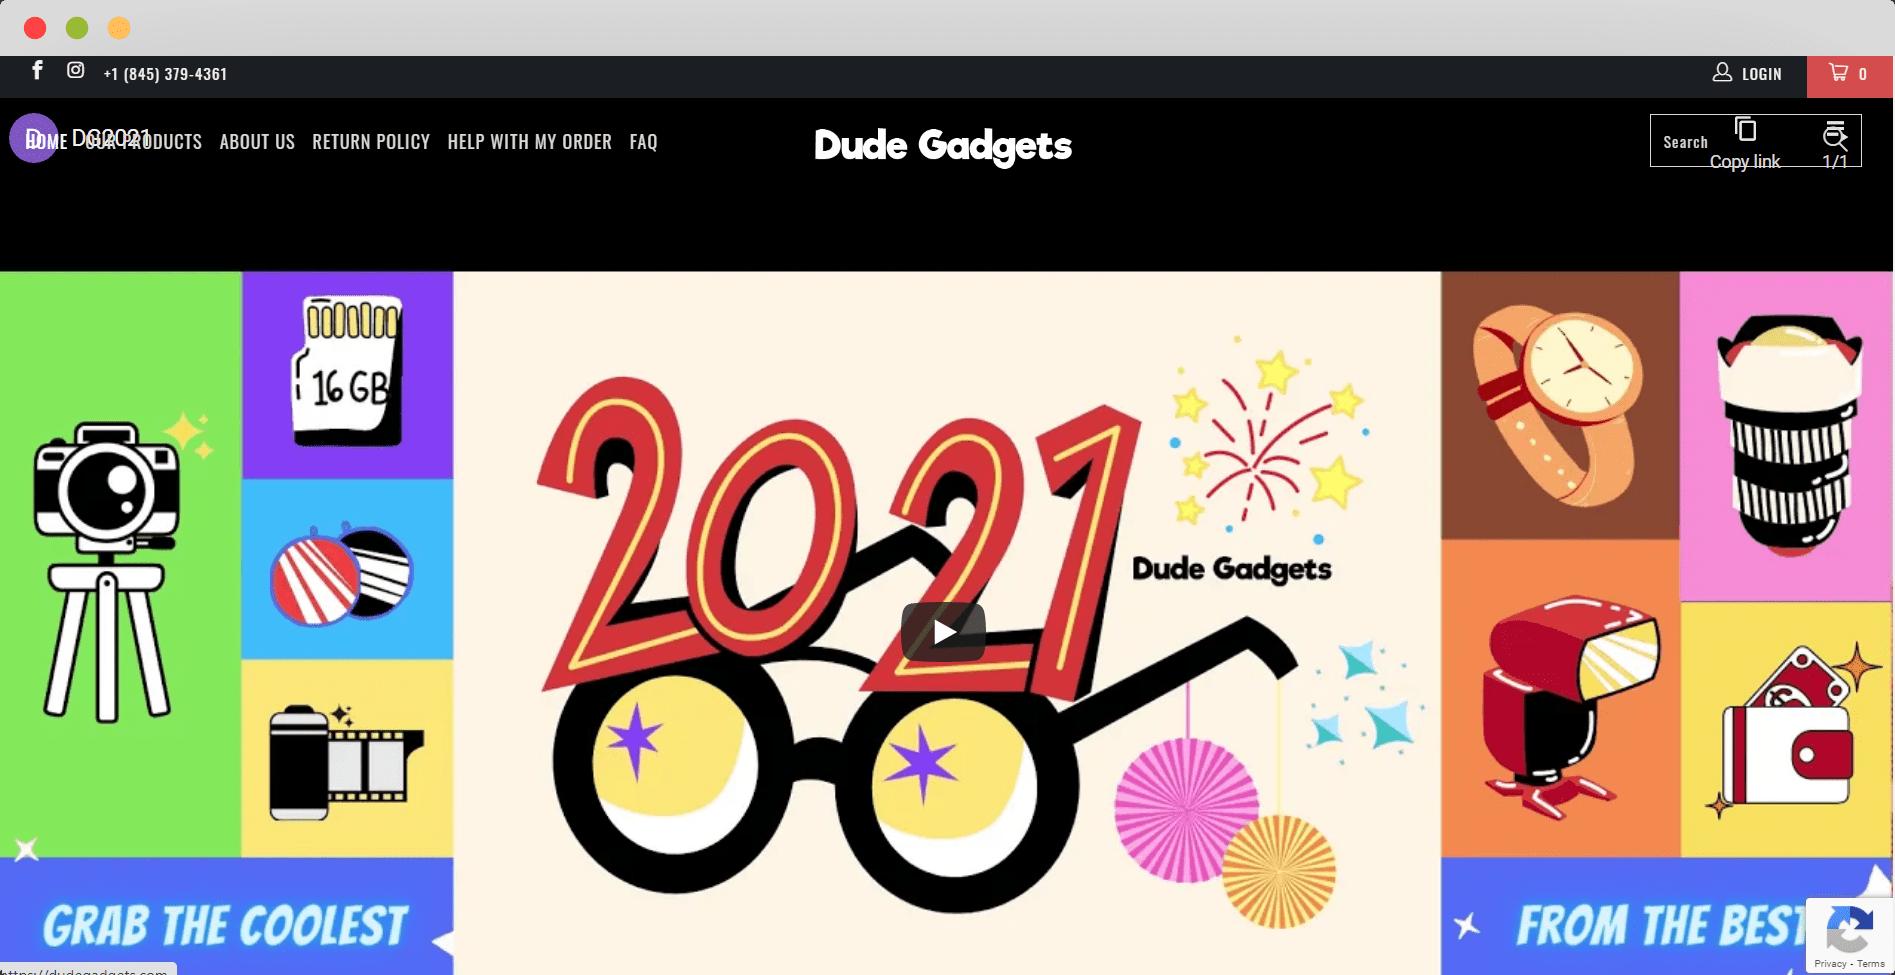 Dude Gadgets